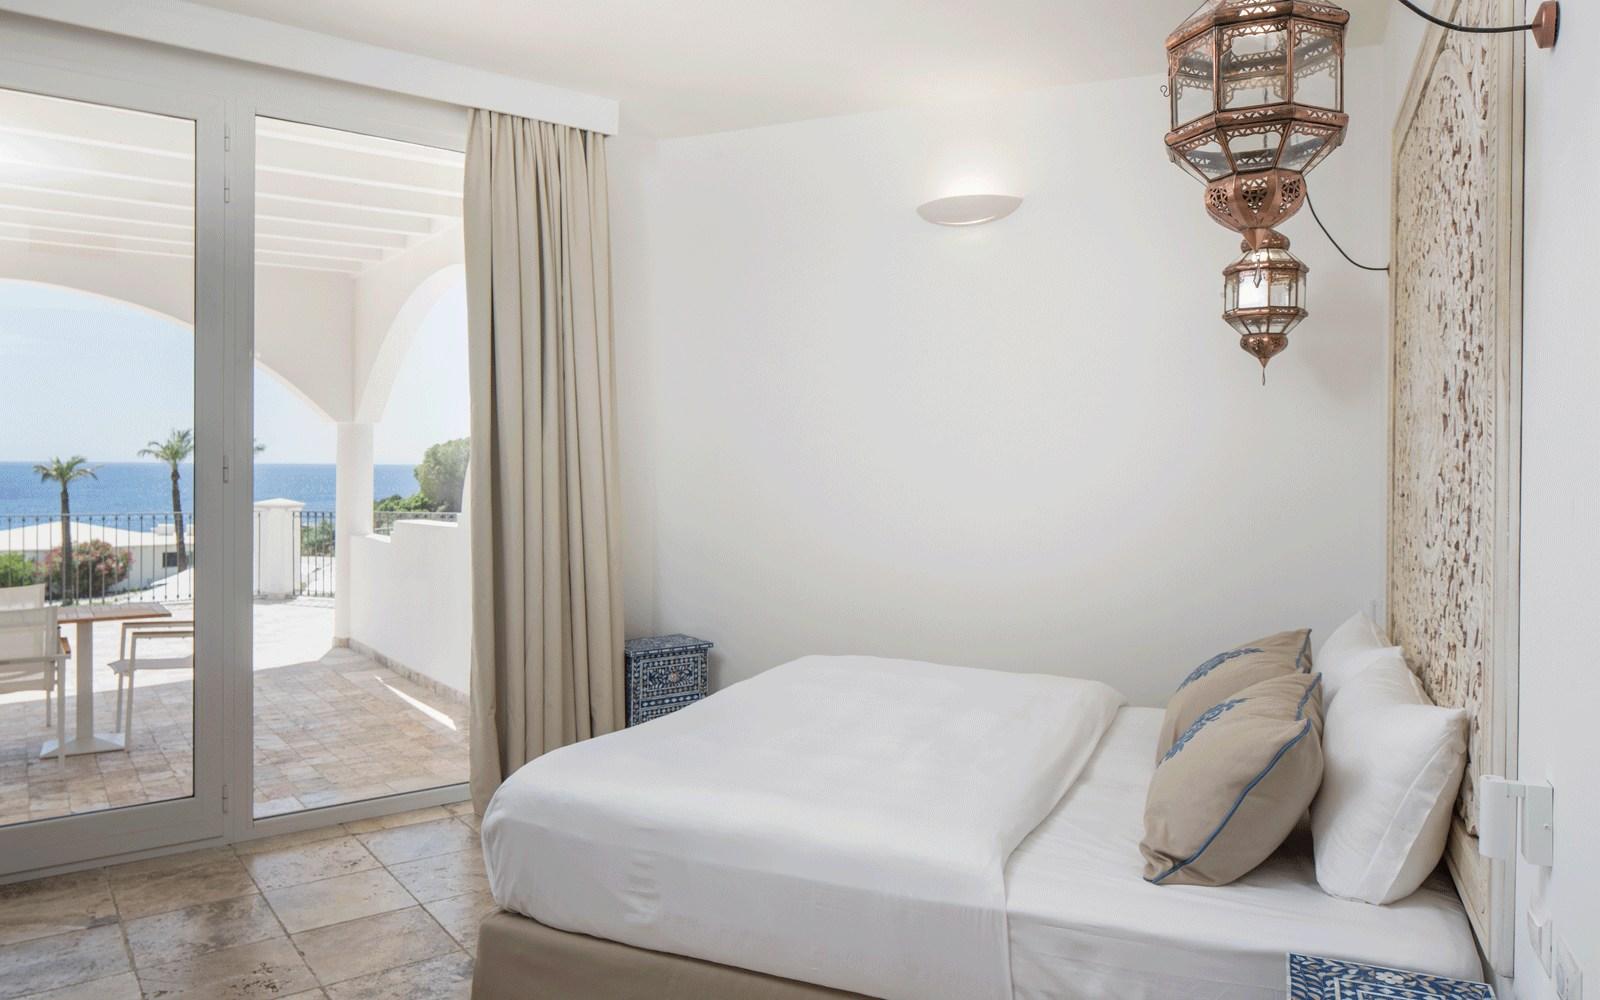 Suite at Capo Boi Resort